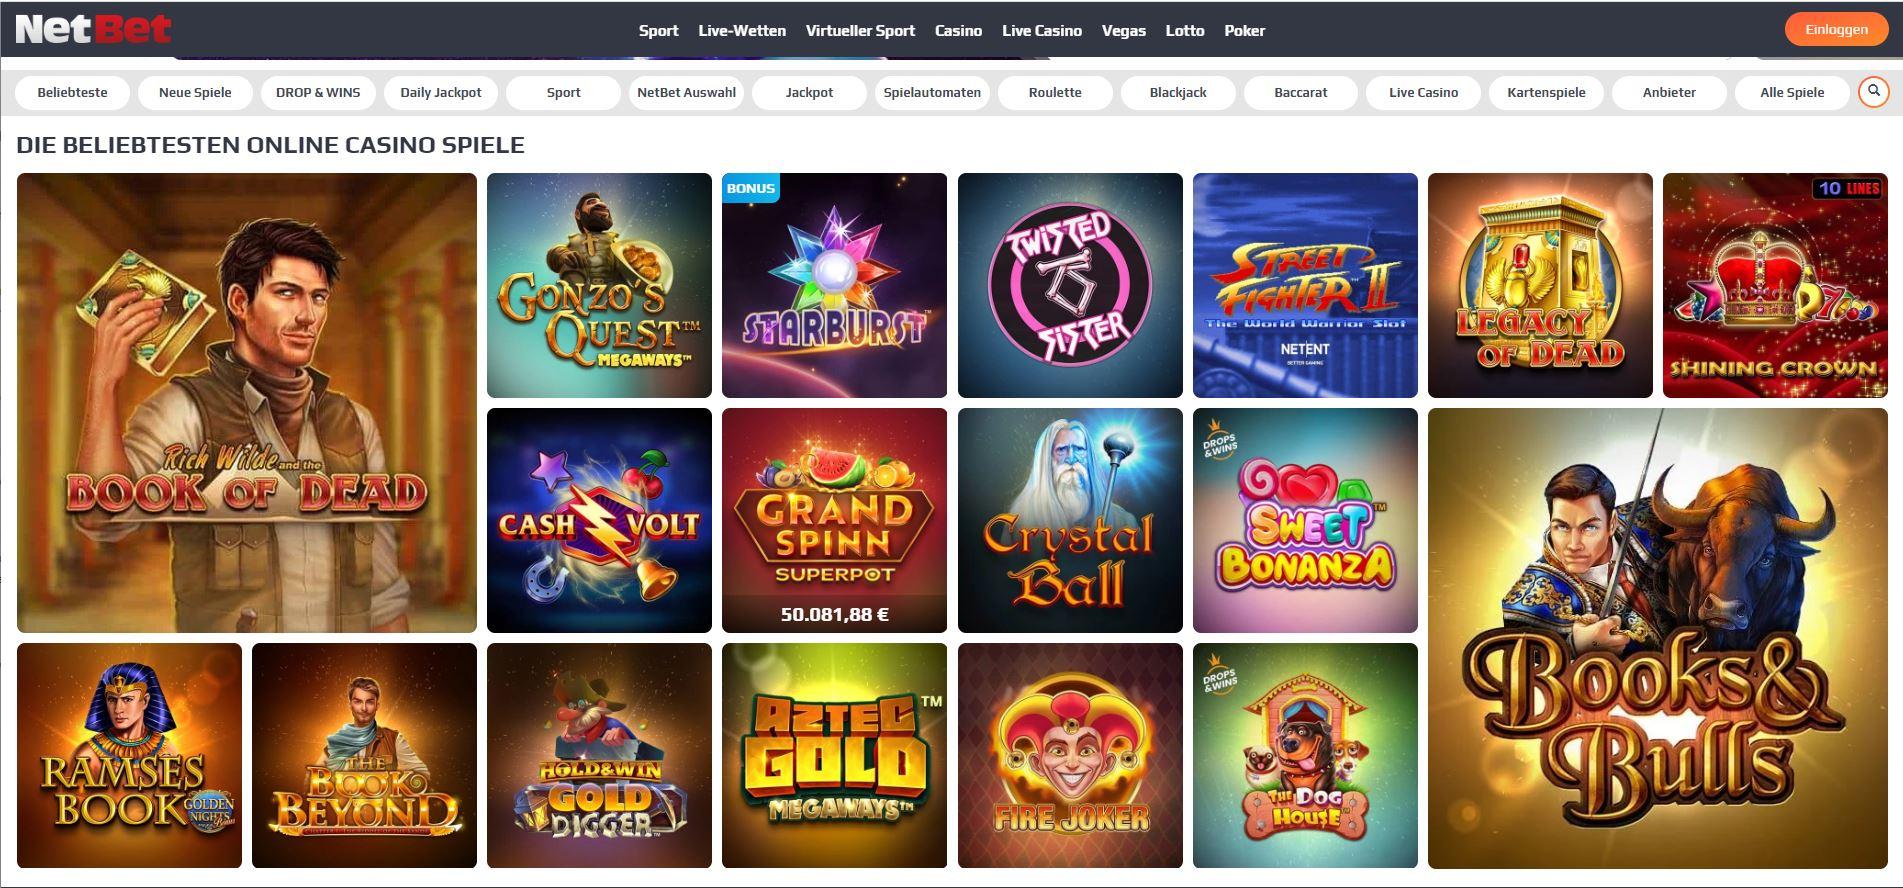 Novoline spiele kostenlos online spielen ohne anmeldung lernen